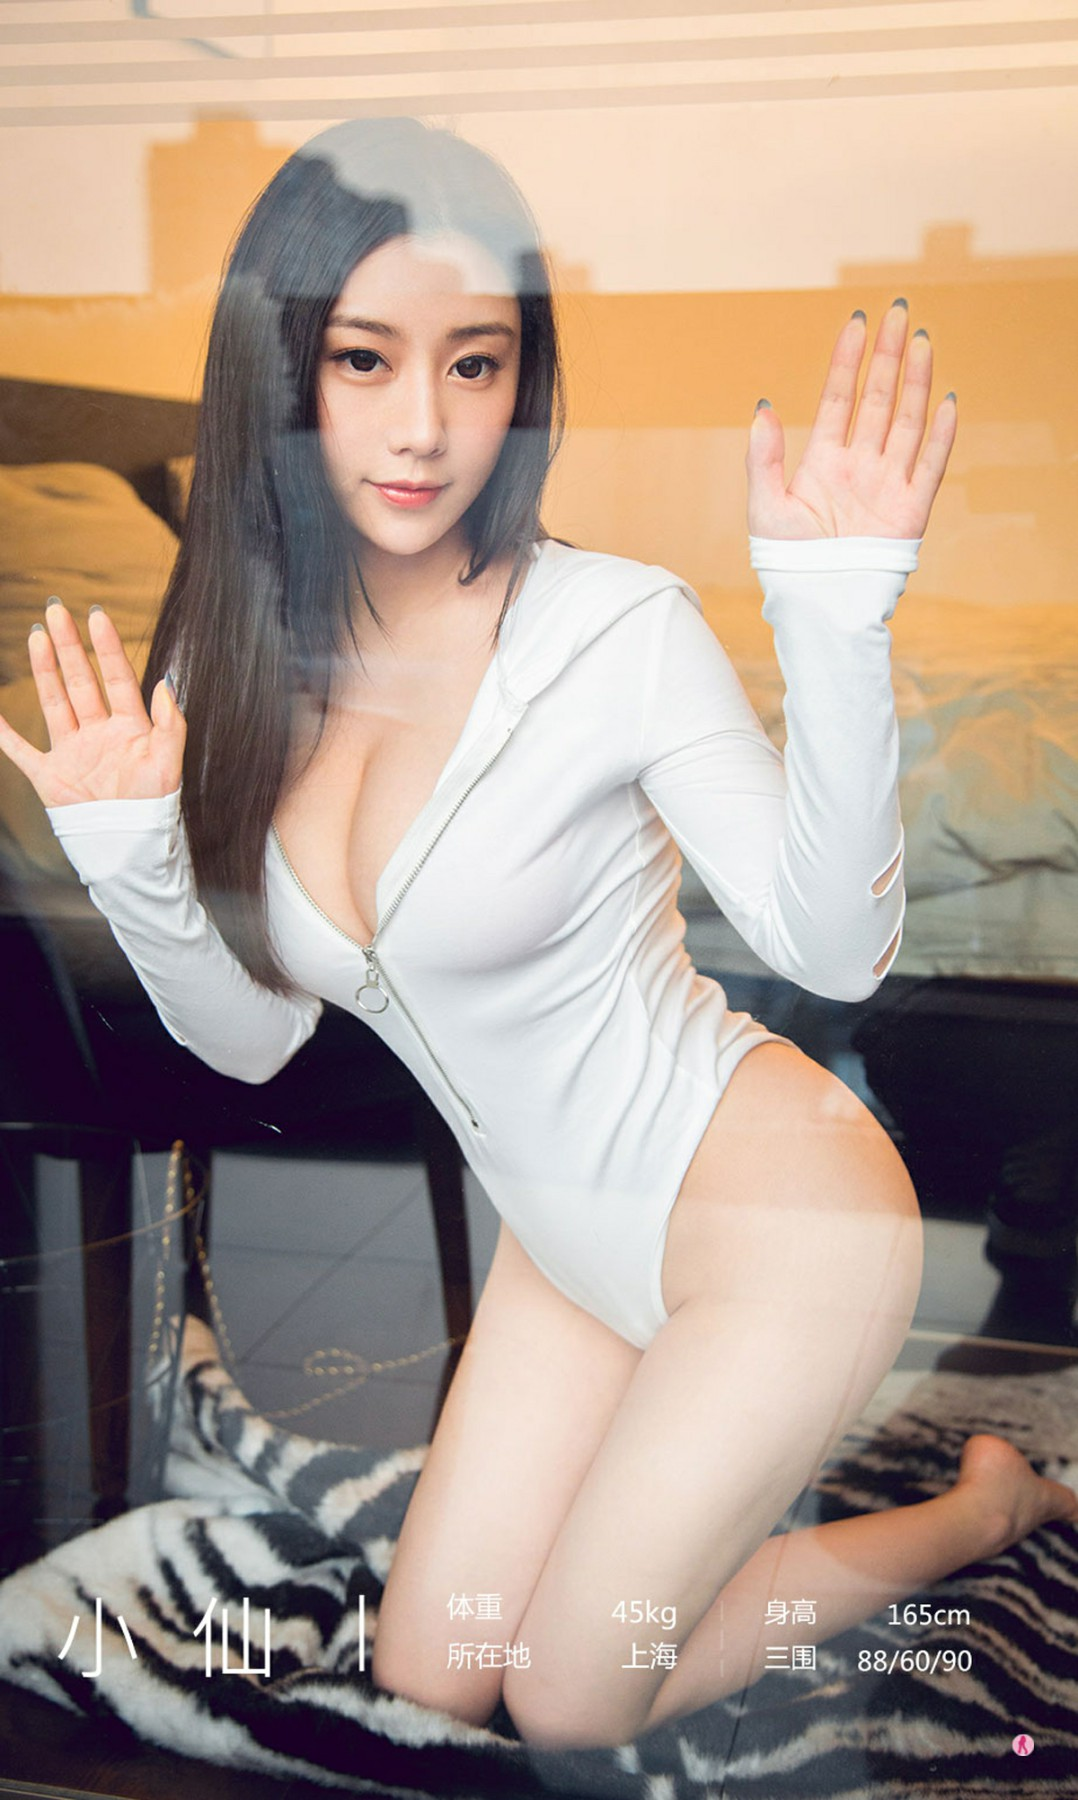 [Ugirls尤果网]爱尤物 2020.03.19 No.1765 小仙 小鲜女-第1张图片-福利社